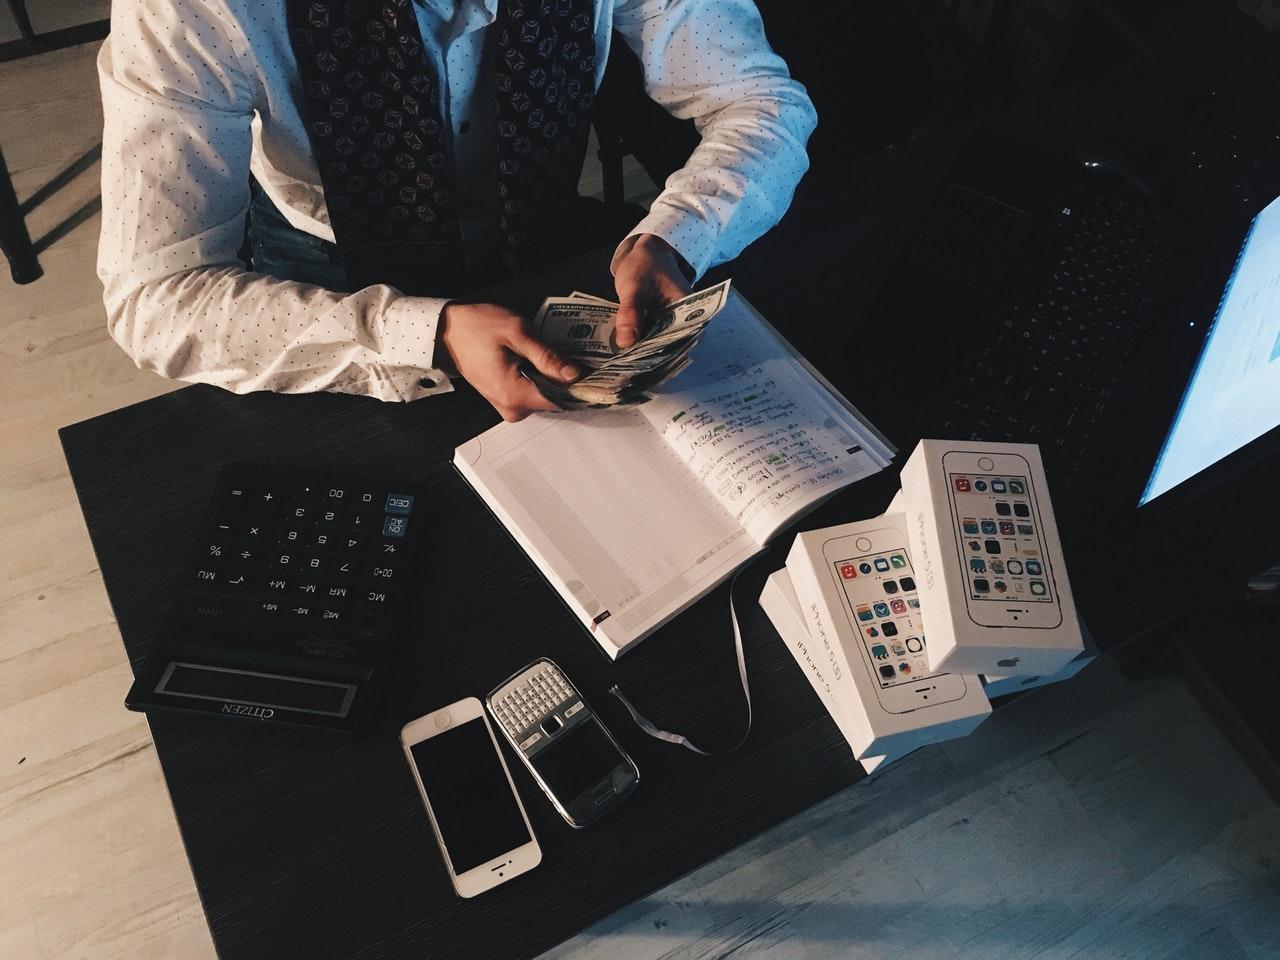 2021年税务师考试时间明确规定